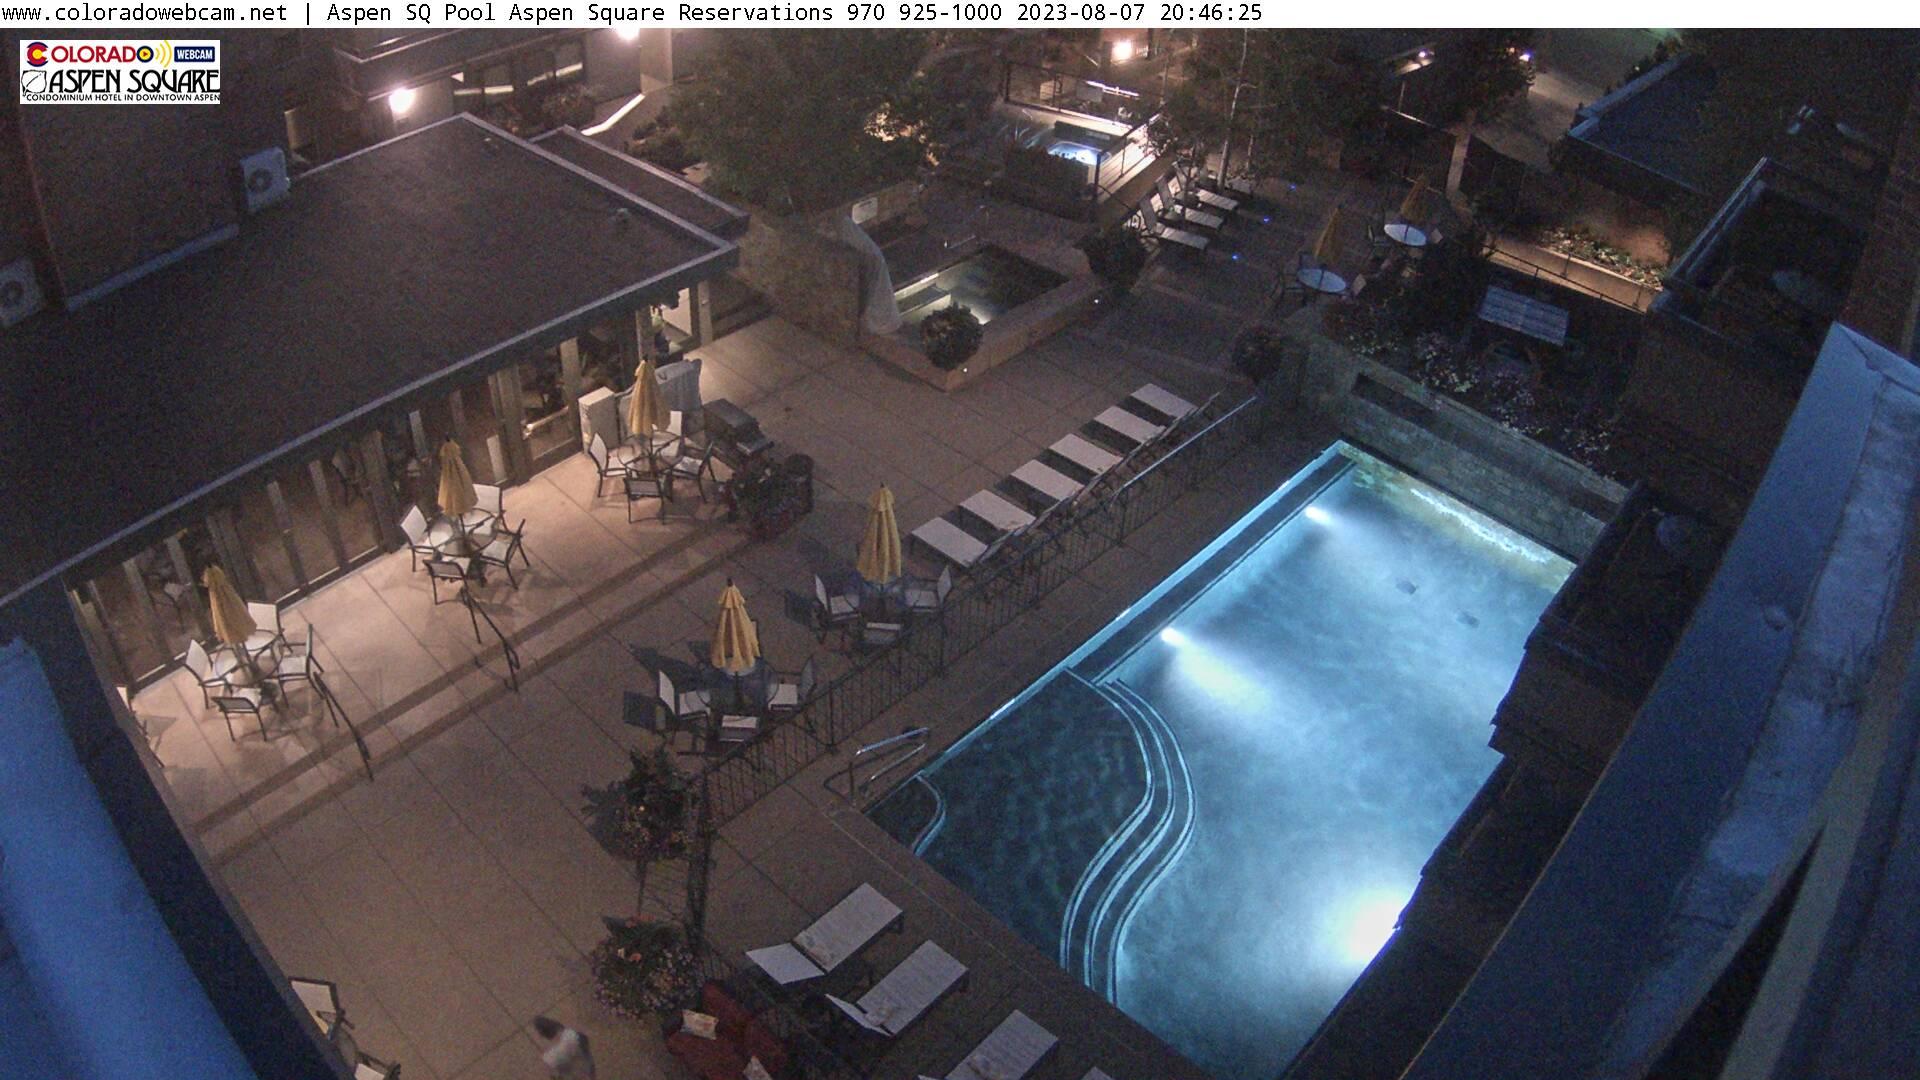 Aspen Square Hotel Pool Aspen CO